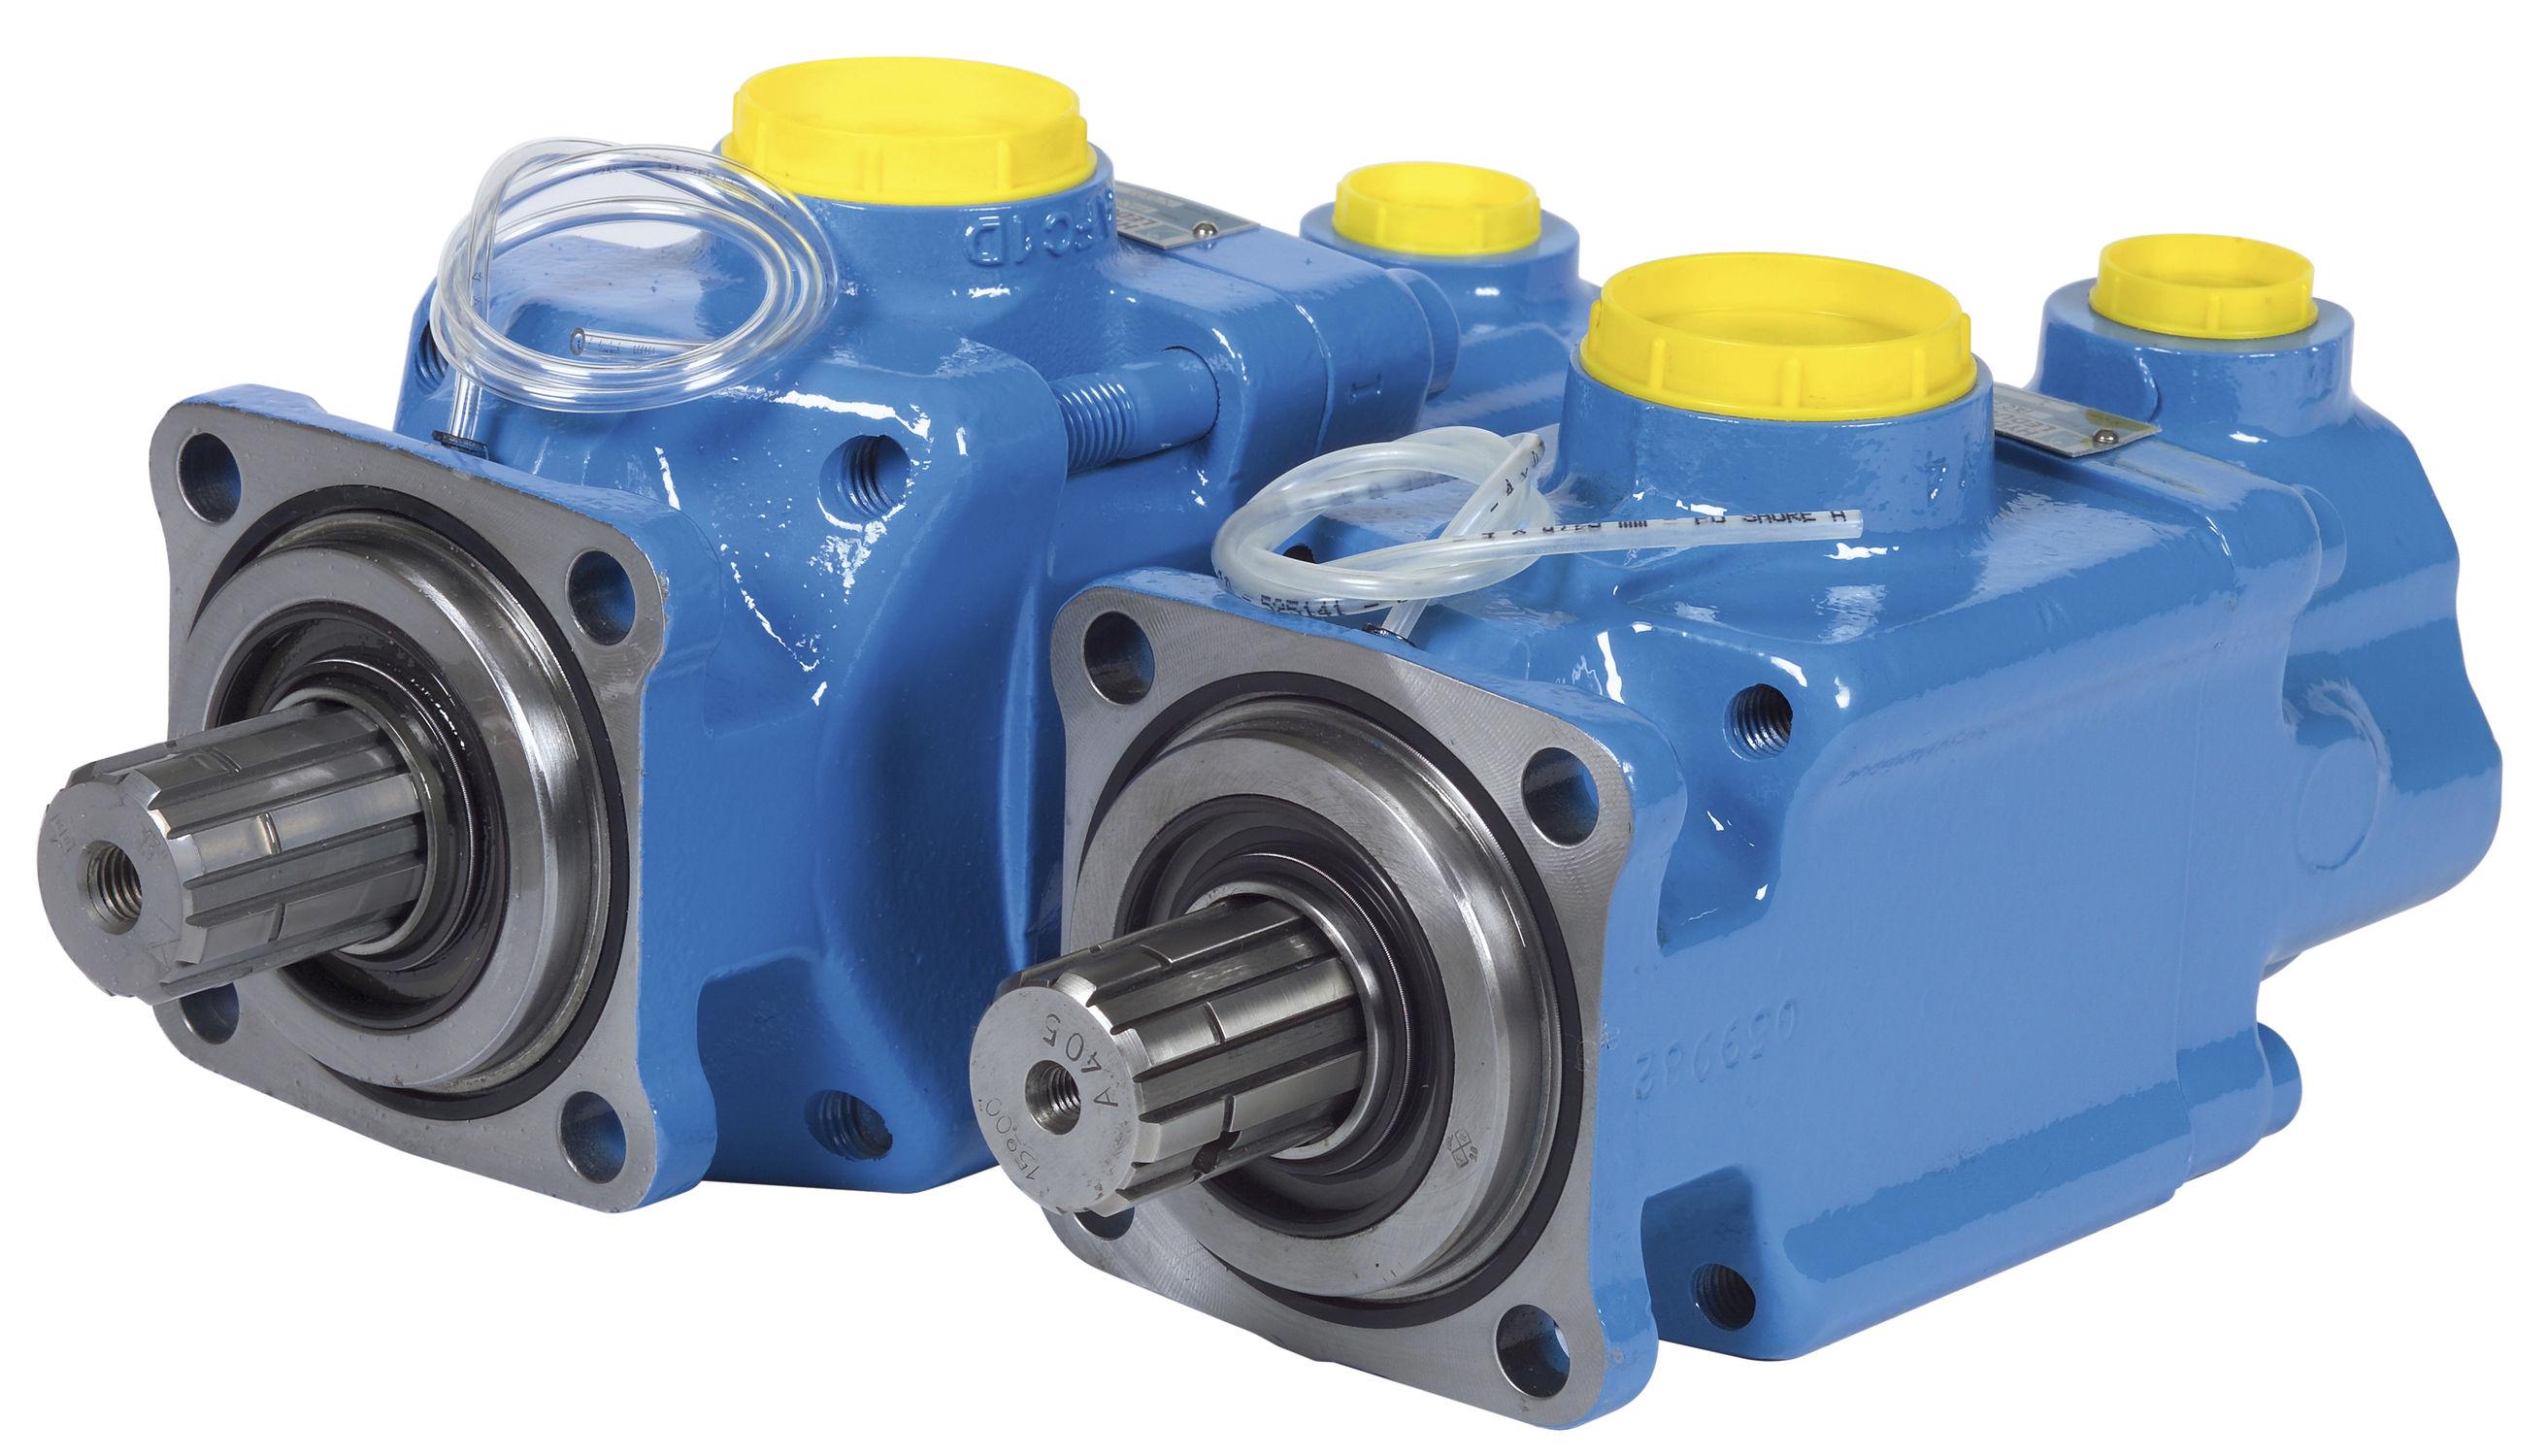 Internatiomal Hydraulic Pump Mobile 7677 4905375 York